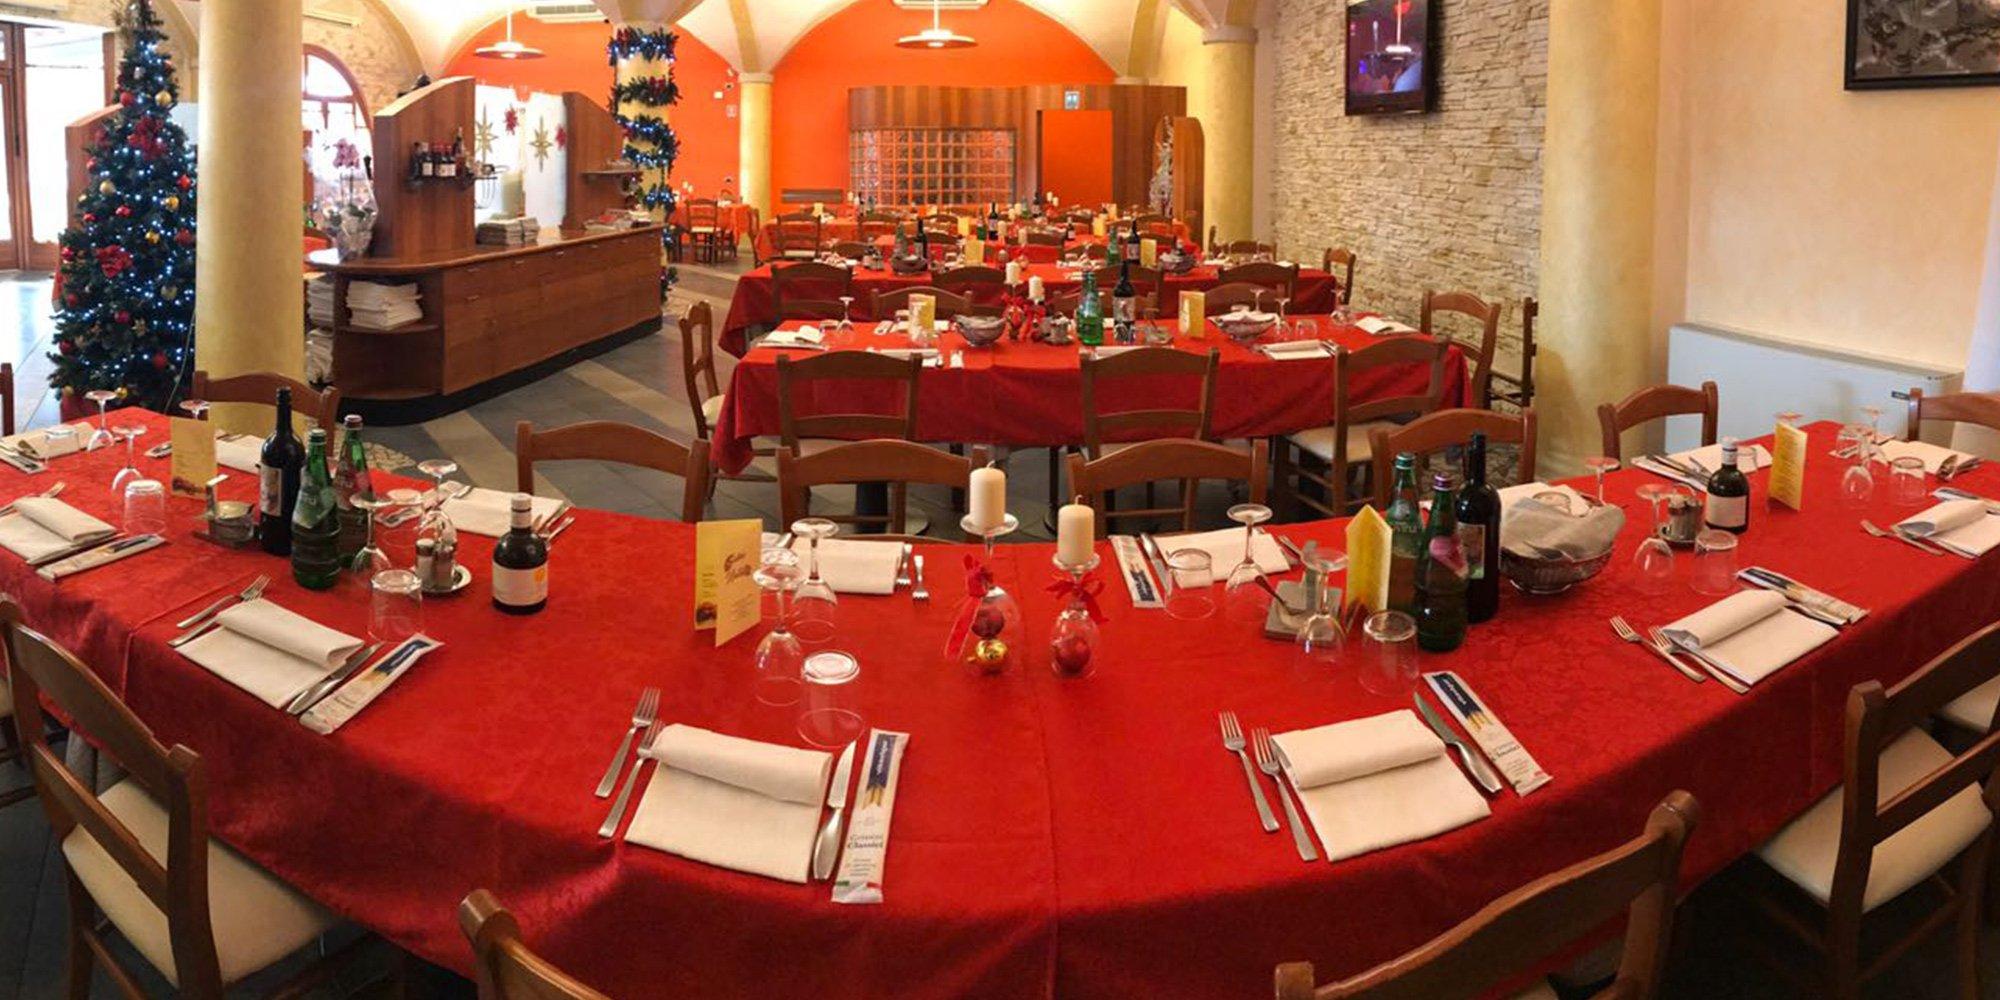 interno di una pizzeria e ristorante